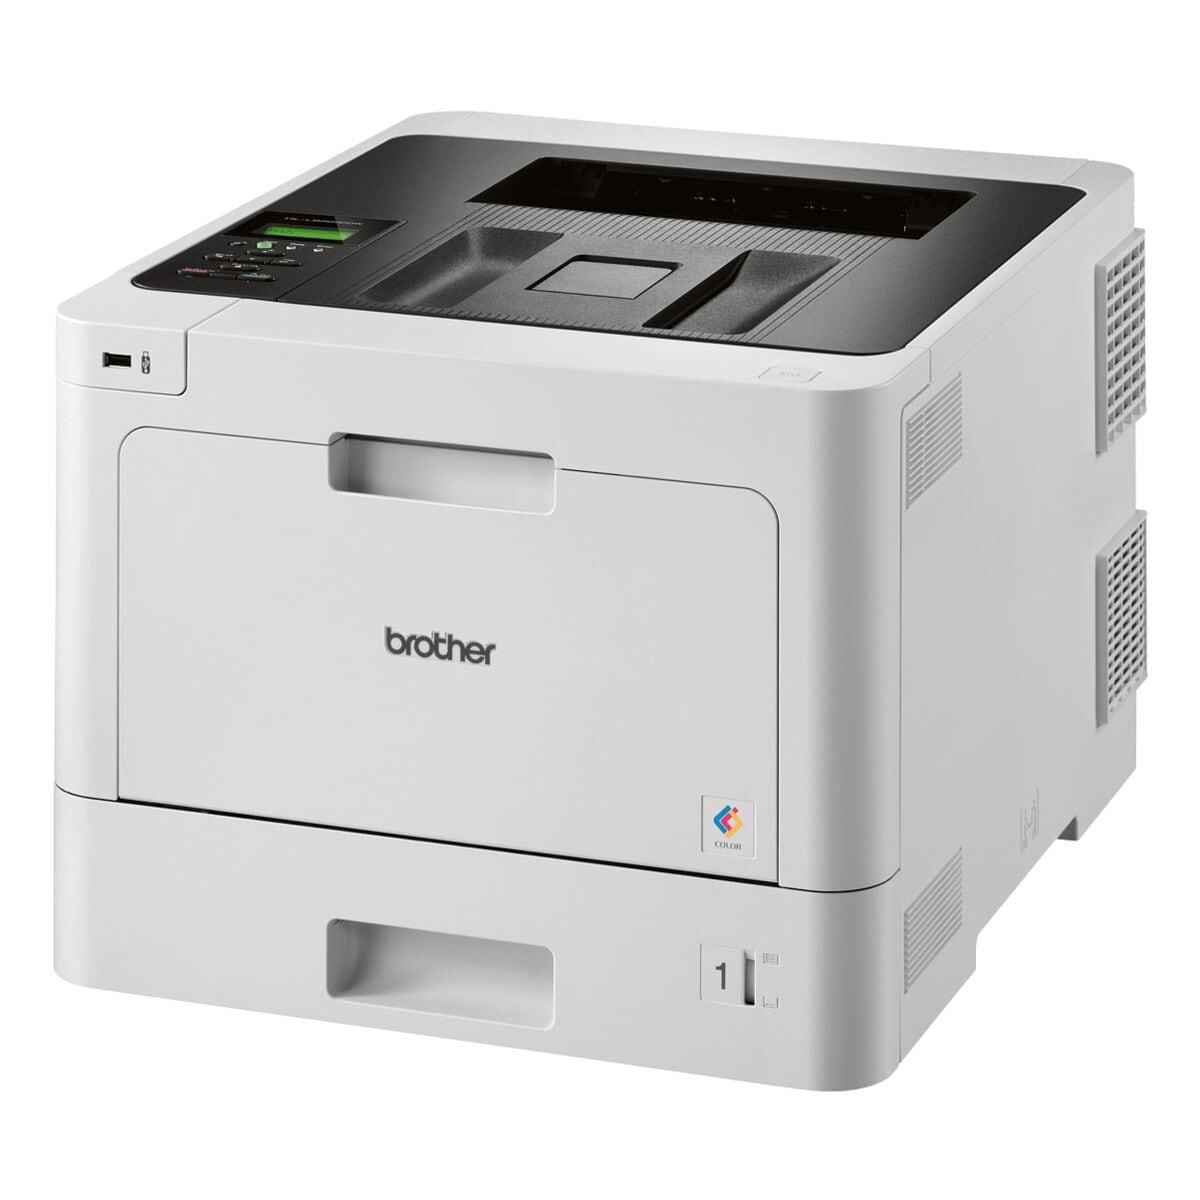 Brother HL-L8260CDW Laserdrucker, A4 Farb-Laserdrucker, 2400 x 600 dpi, mit LAN und WLAN